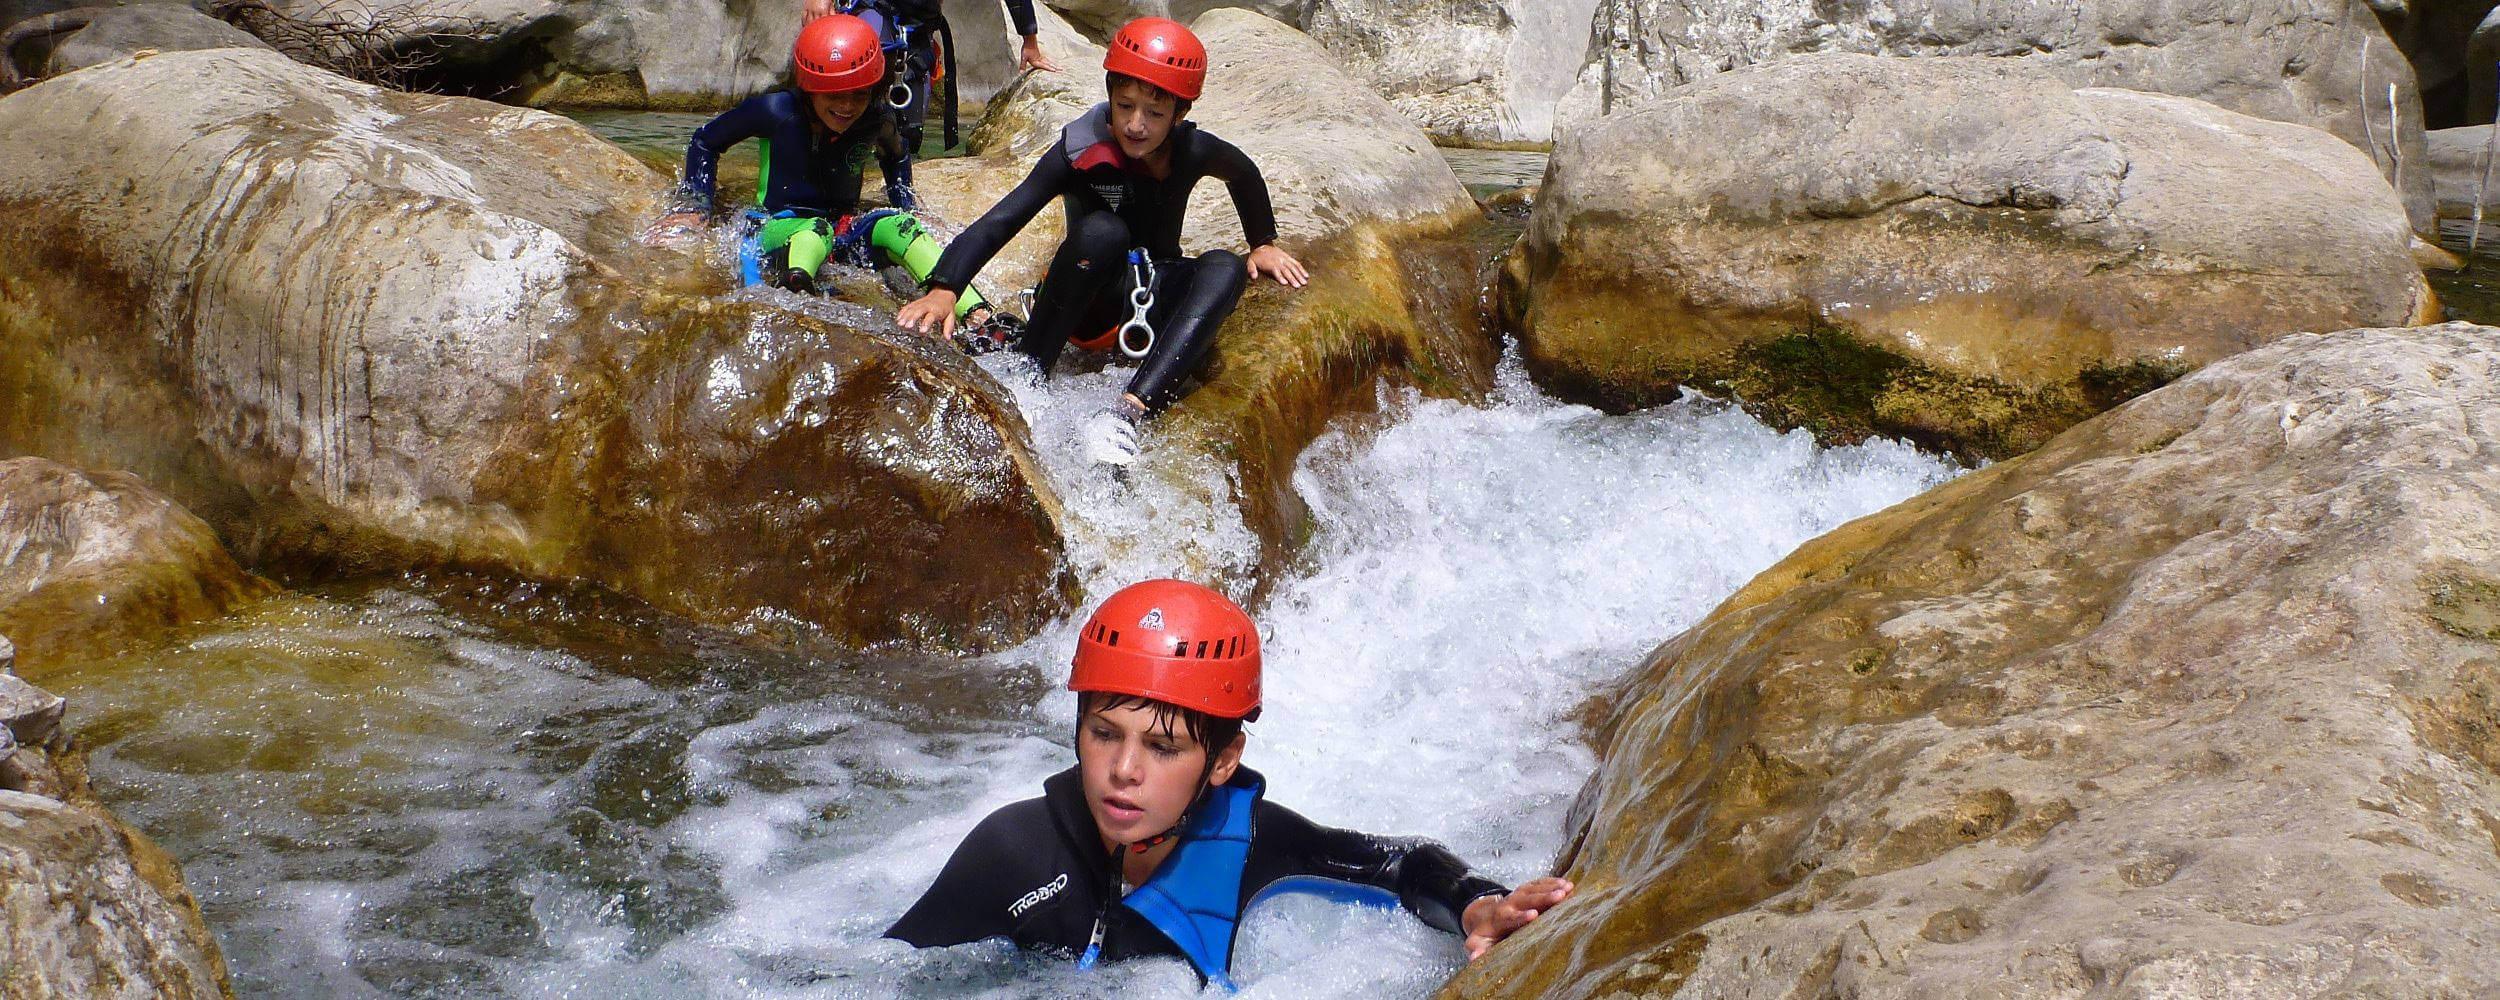 Randonnee aquatique des Gorges du Loup - Grasse